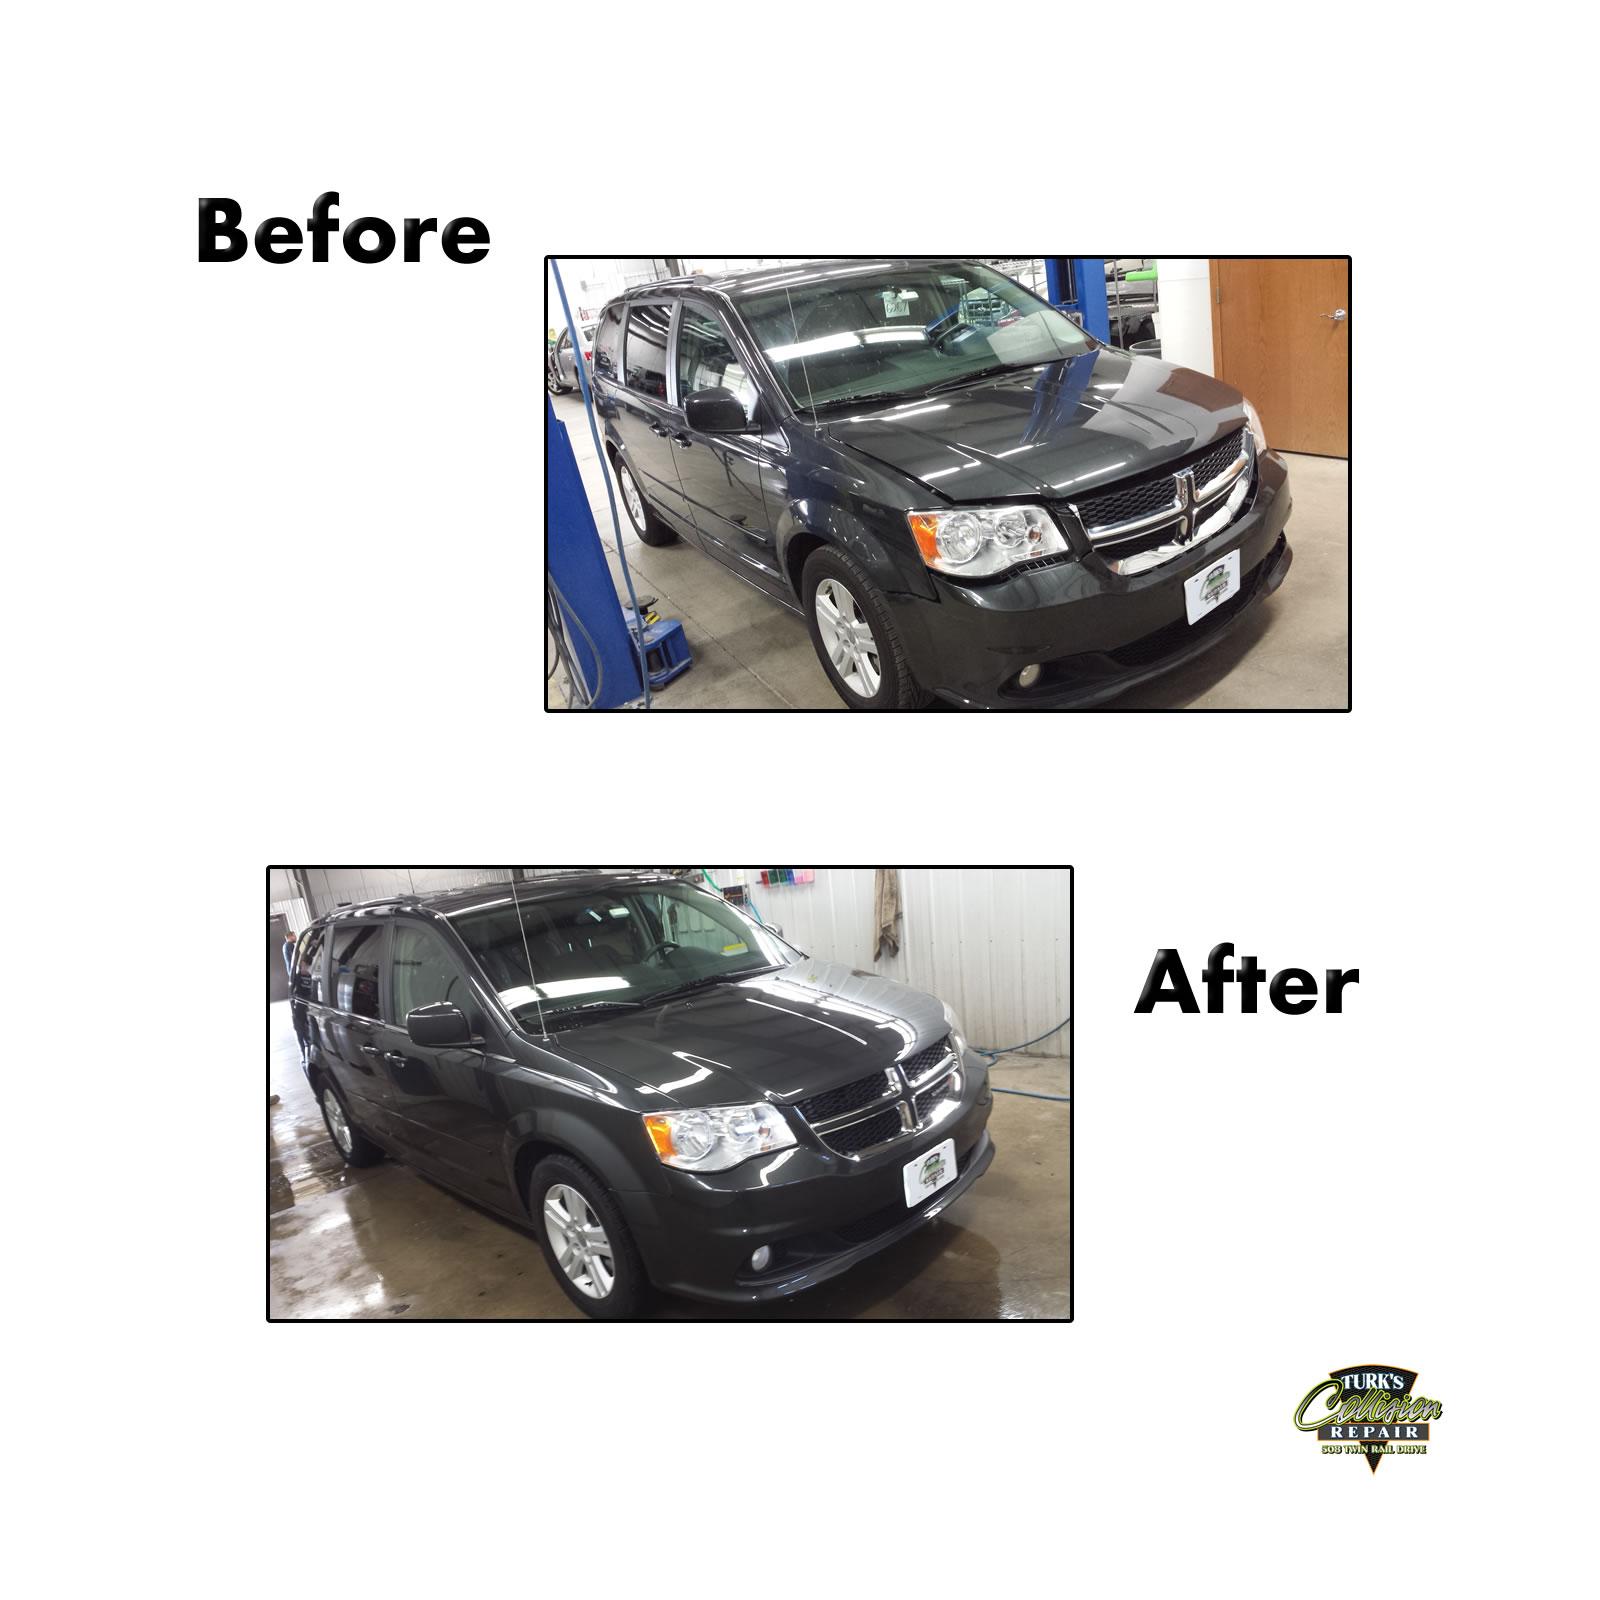 Dodge Caravan Collision Repair